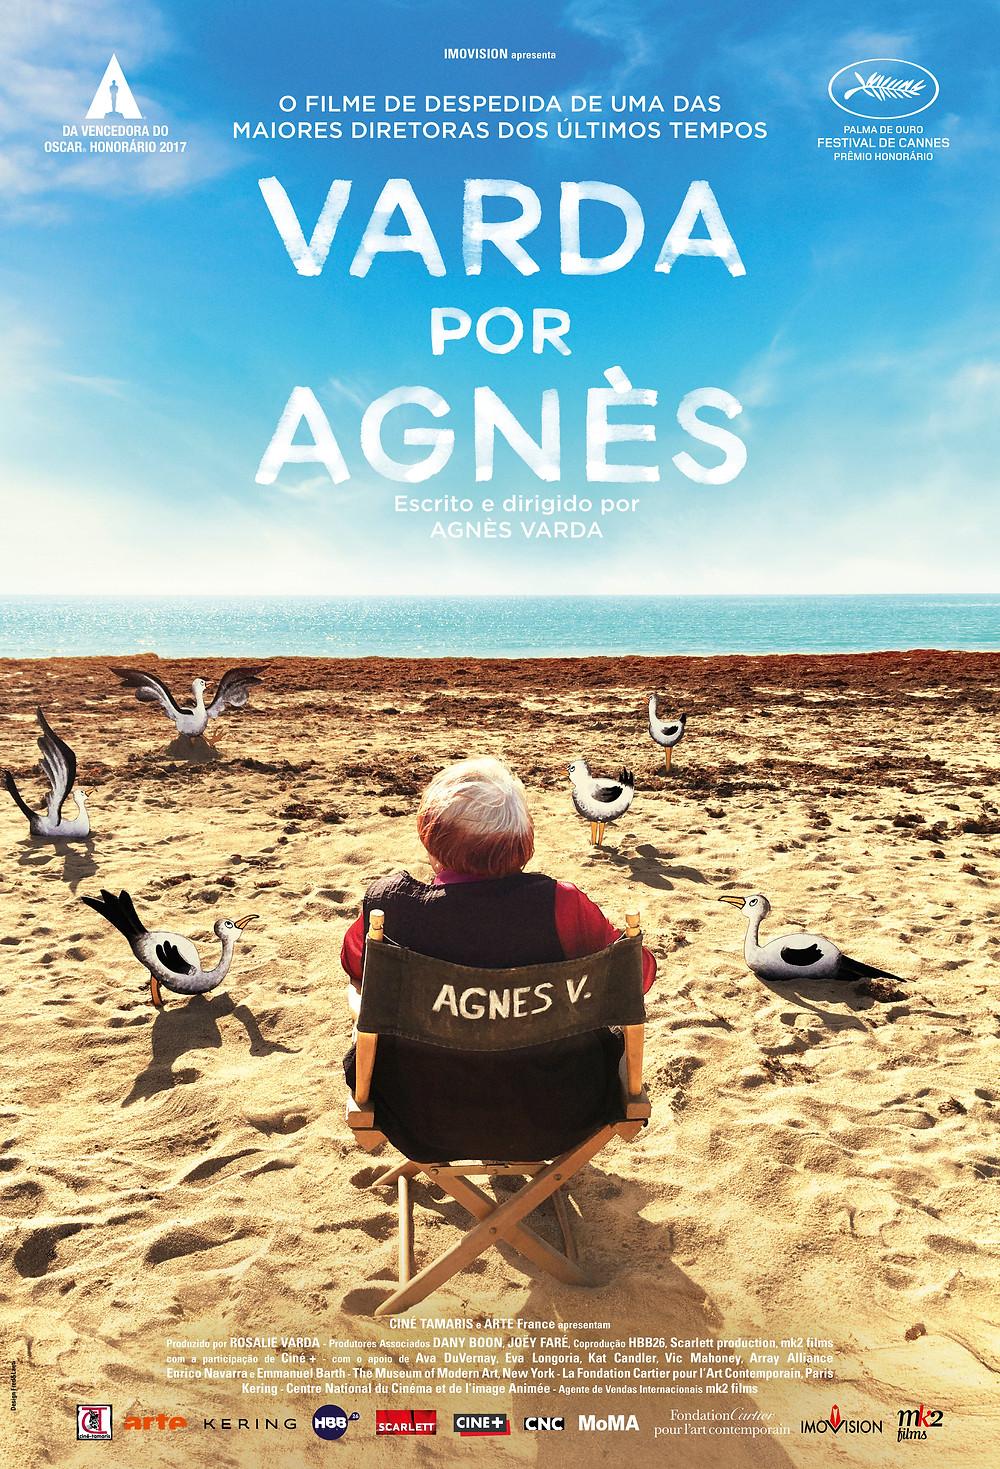 Pôster do filme Varda por Agnès (2019), dirigido pela própria Agnès Varda, falecida no último dia 29 de março | Divulgação (Imovision)